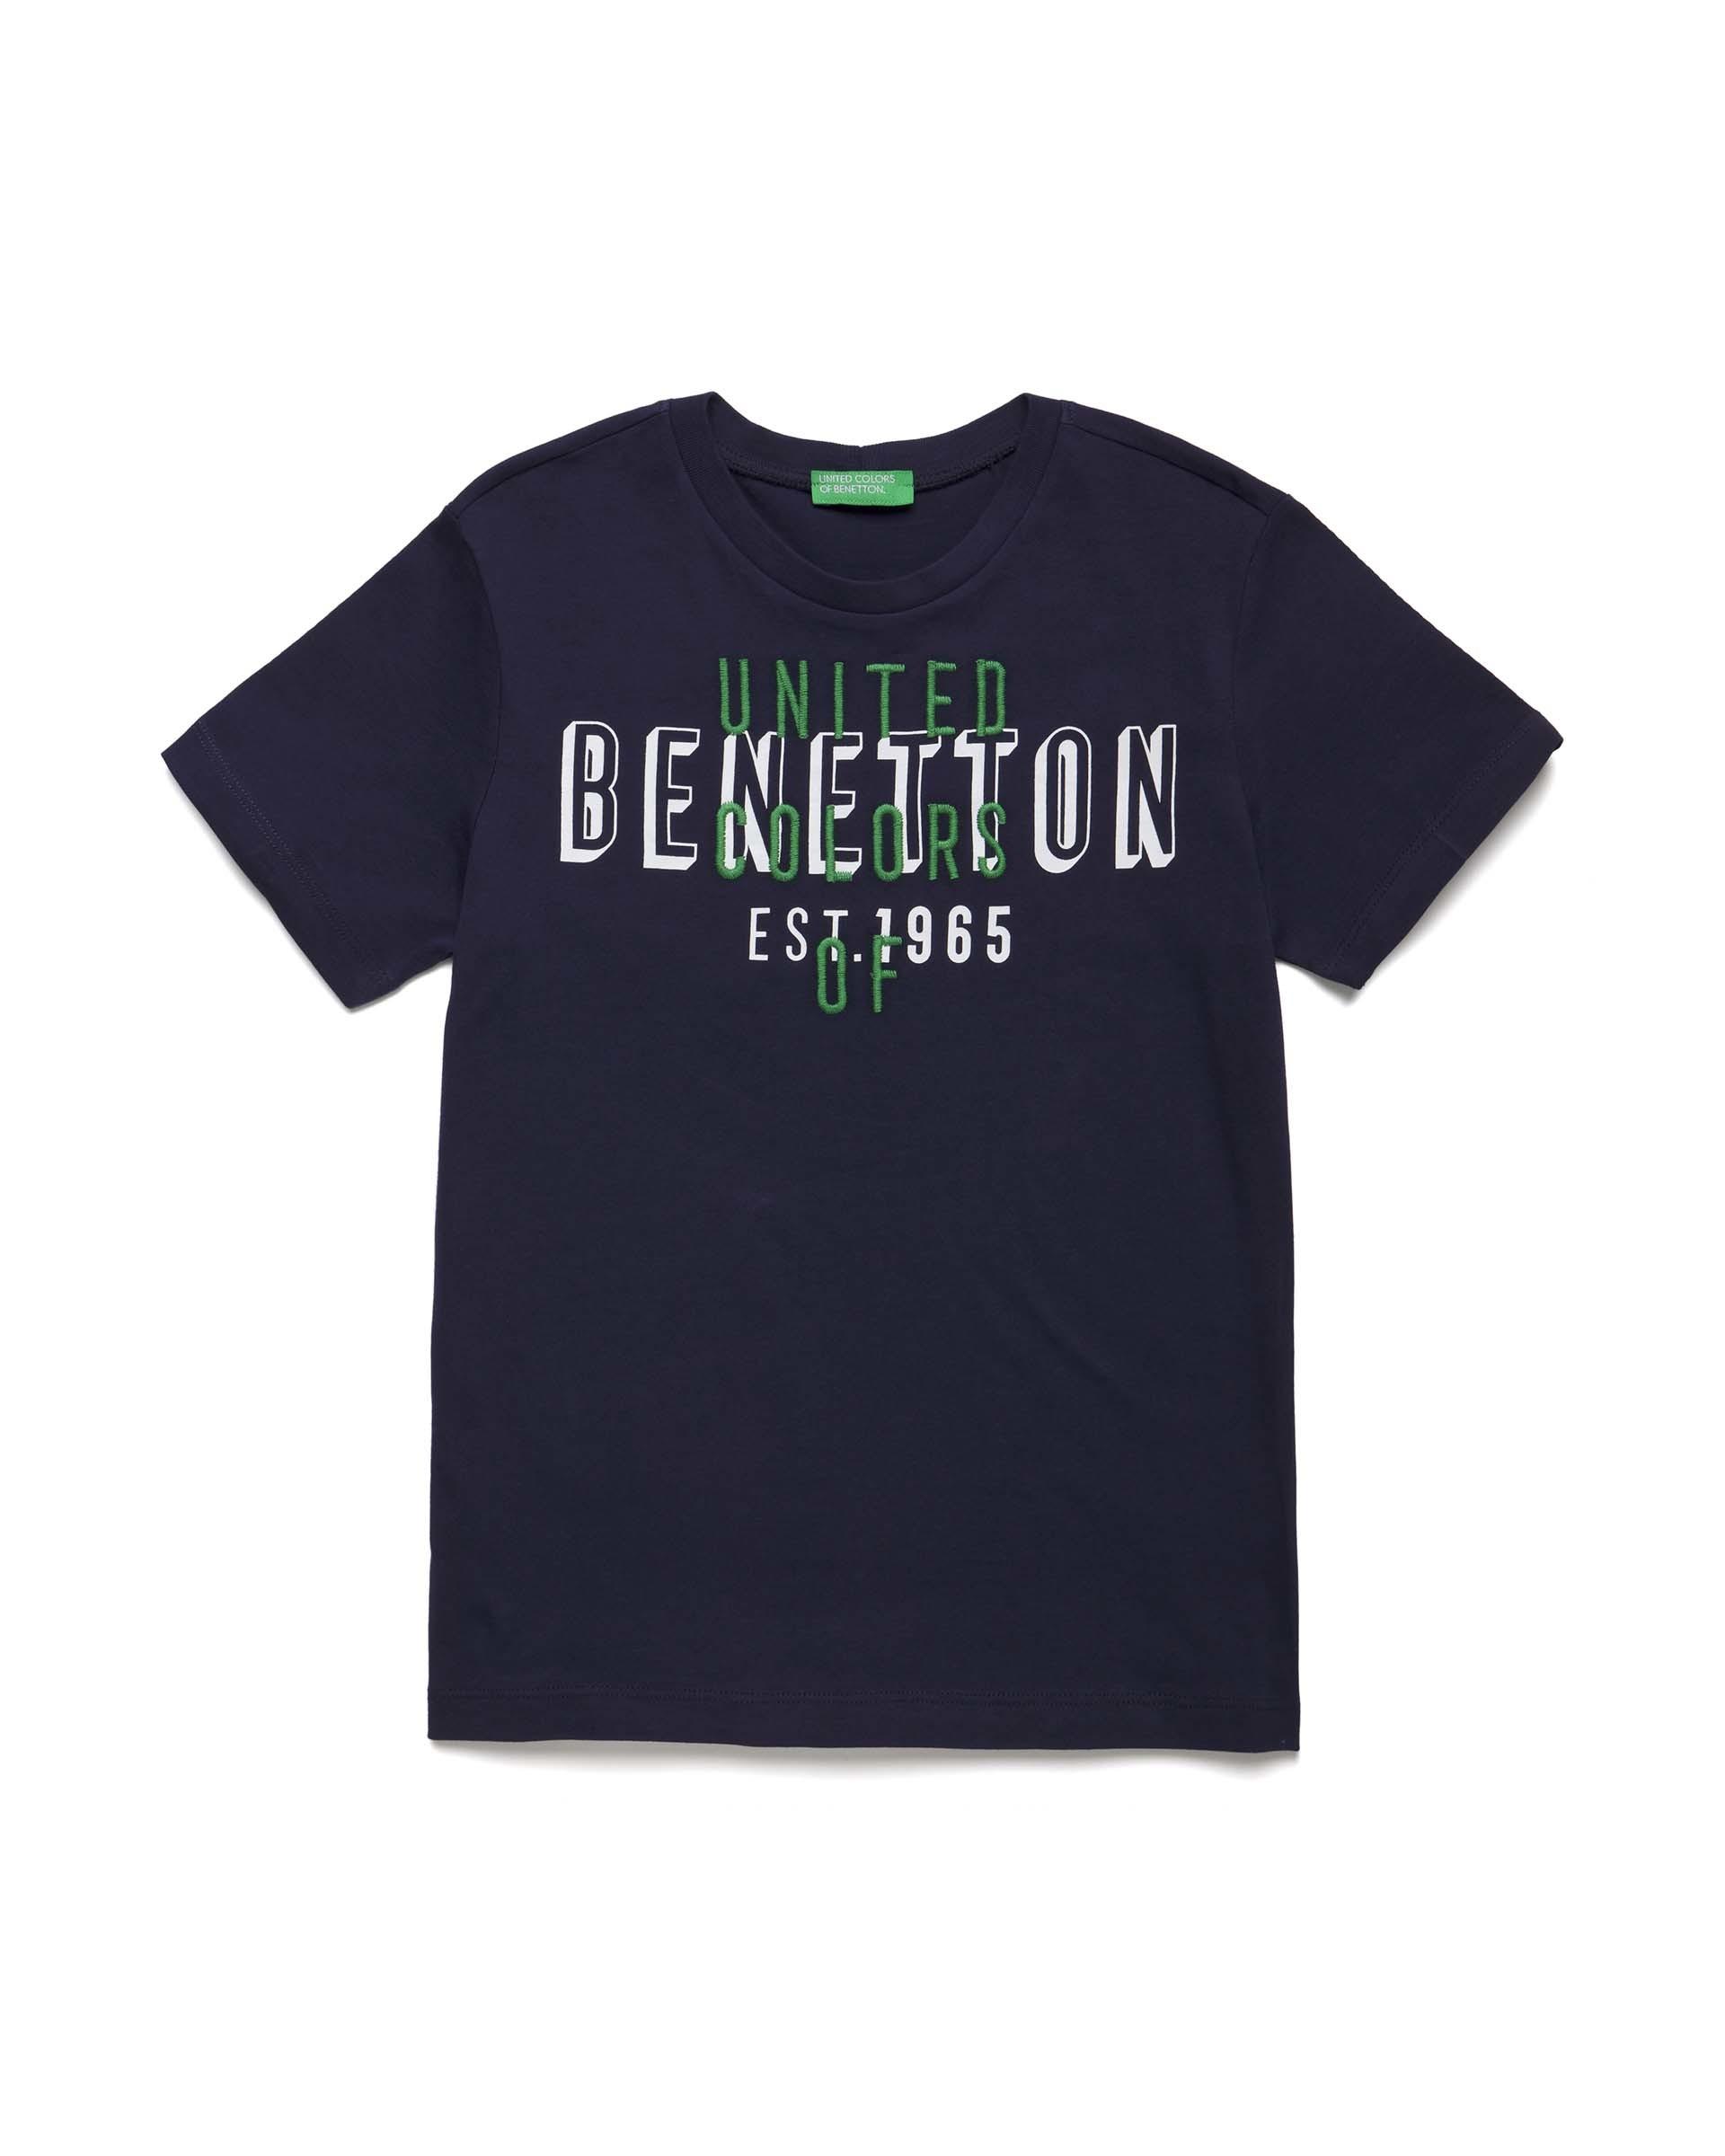 Купить 20P_3I1XC14II_252, Футболка для мальчиков Benetton 3I1XC14II_252 р-р 80, United Colors of Benetton, Кофточки, футболки для новорожденных